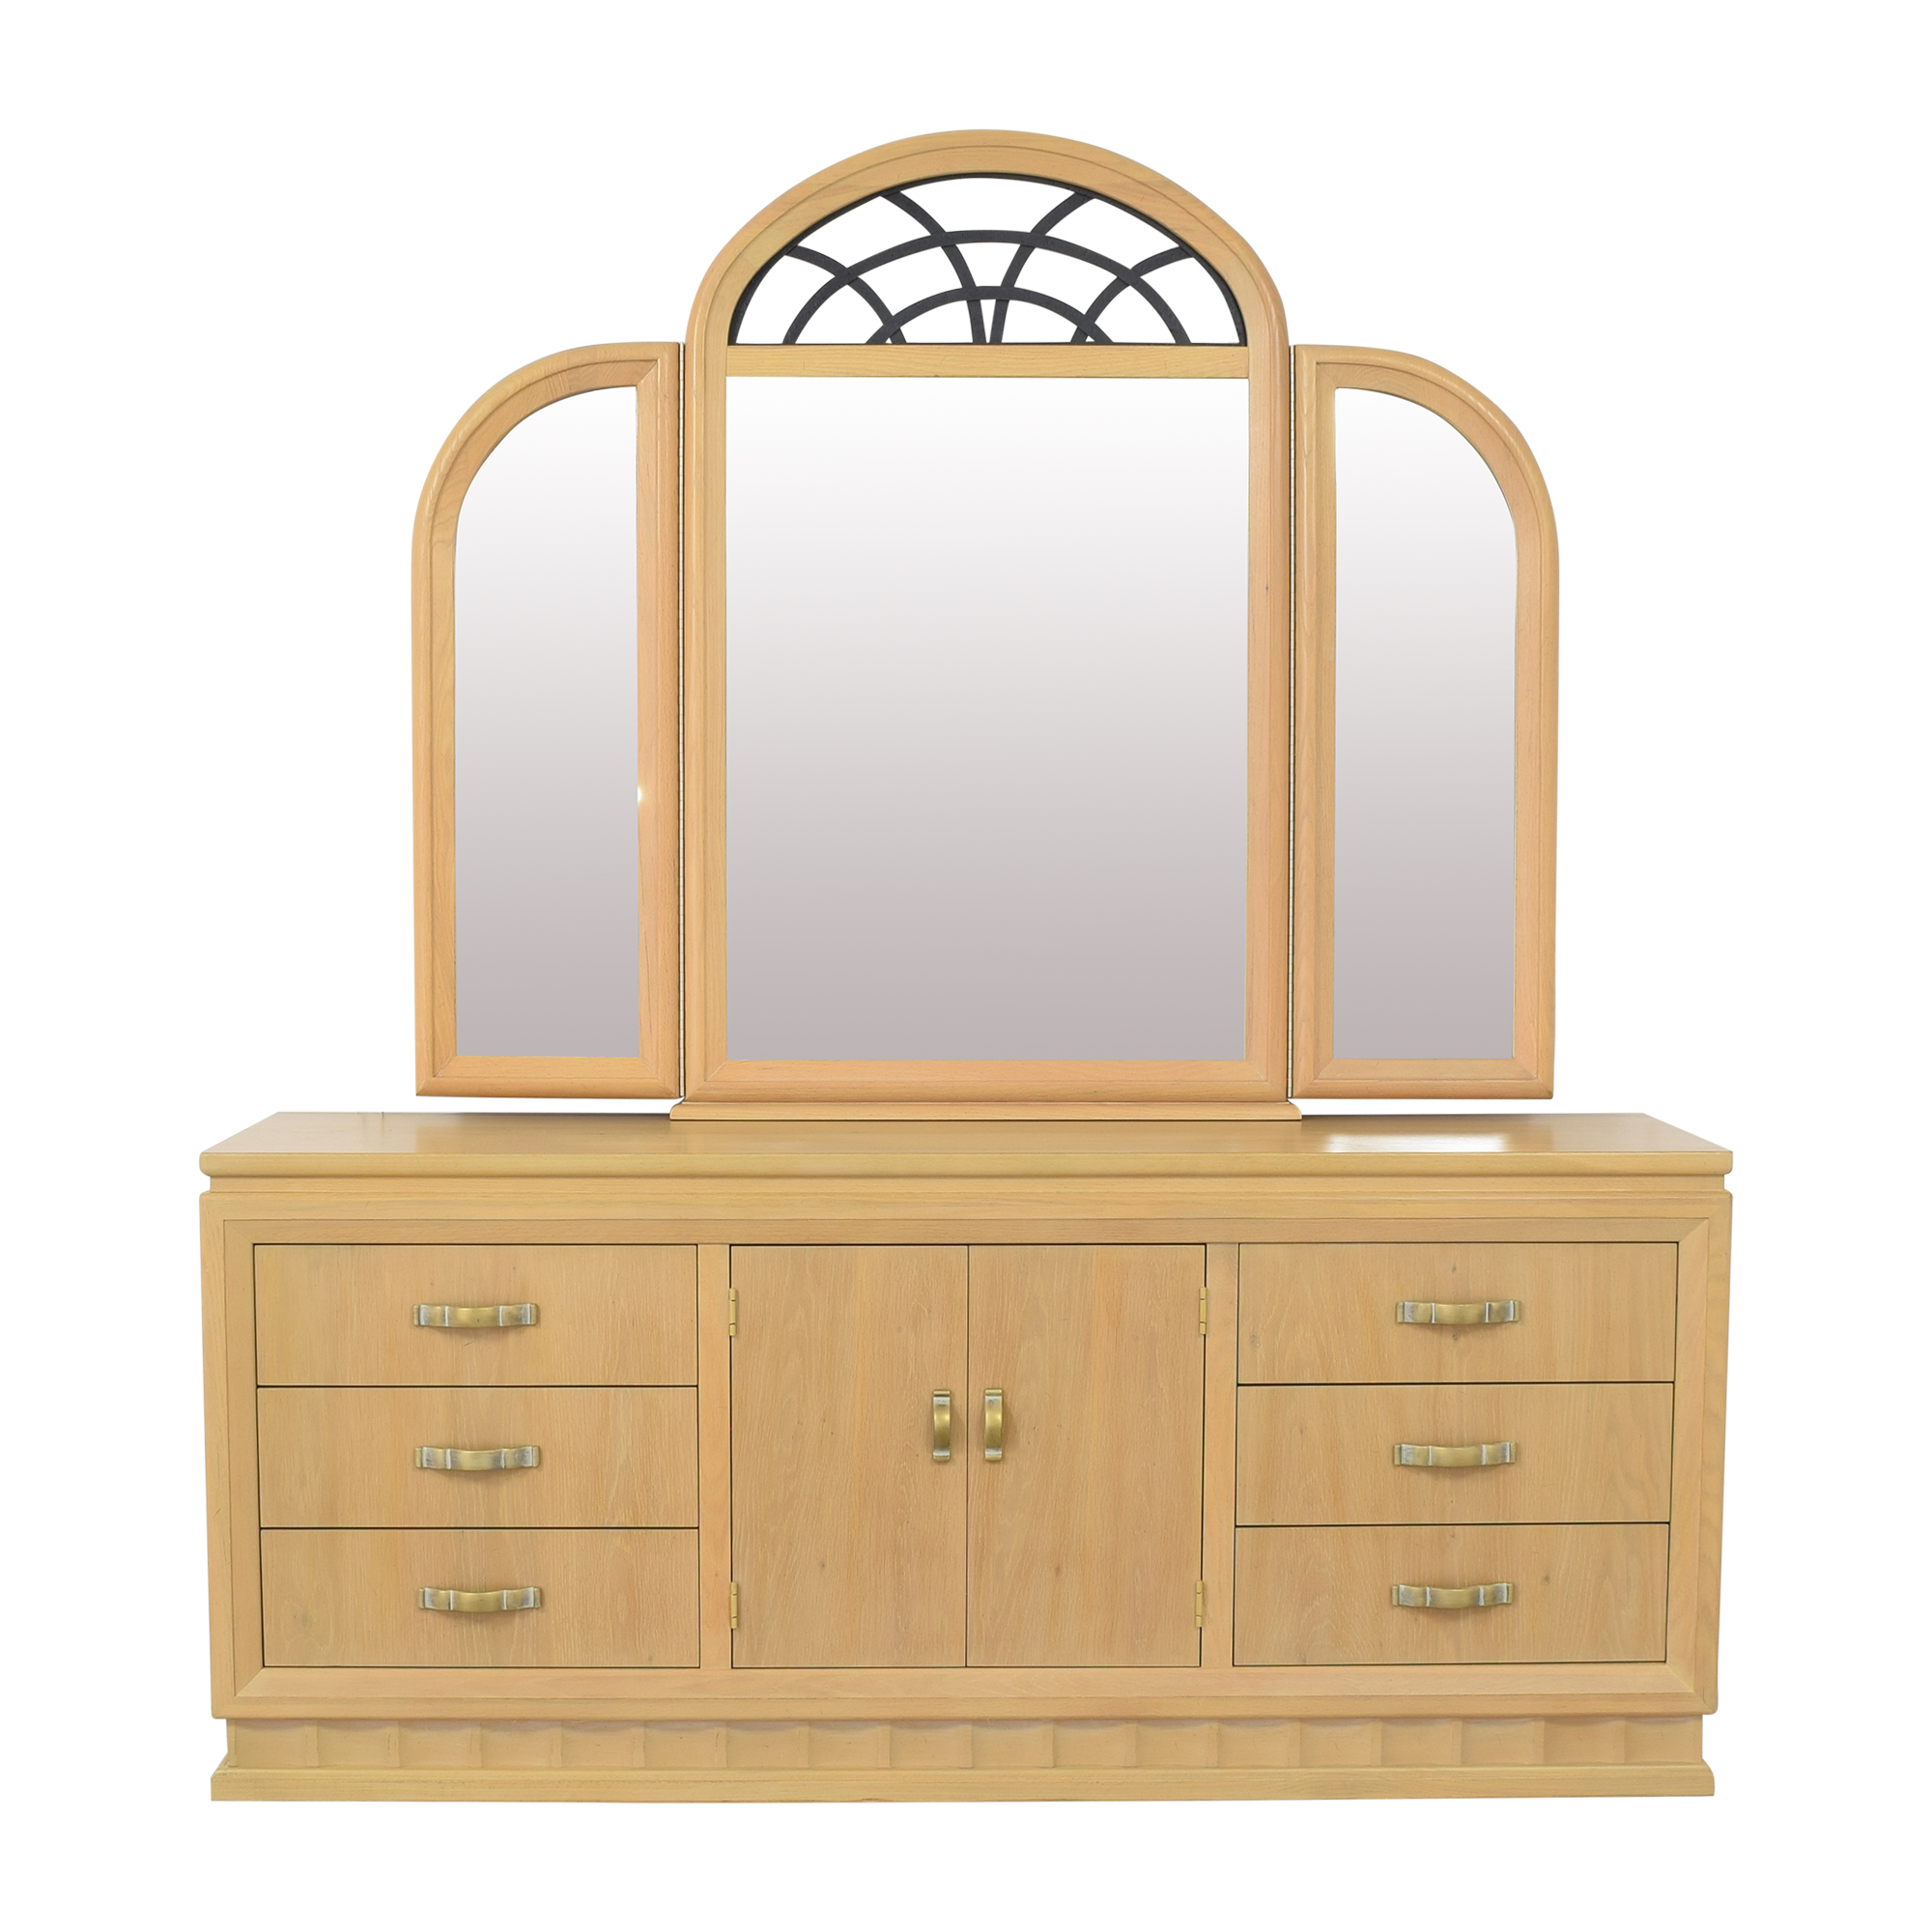 buy Thomasville Vintage-Style Dresser with Mirror Thomasville Storage